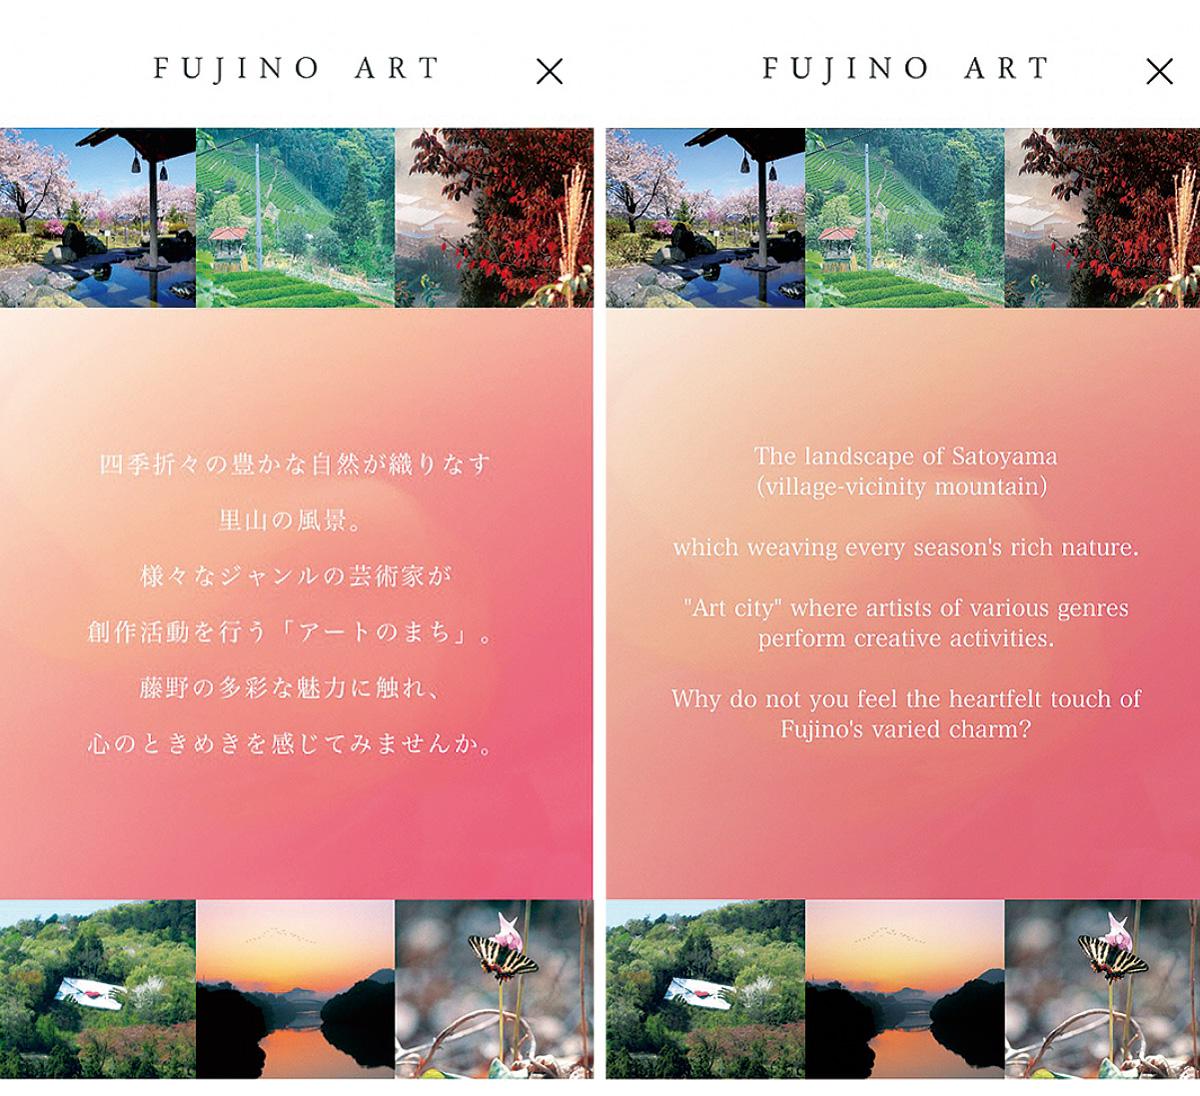 藤野アート、アプリで発信